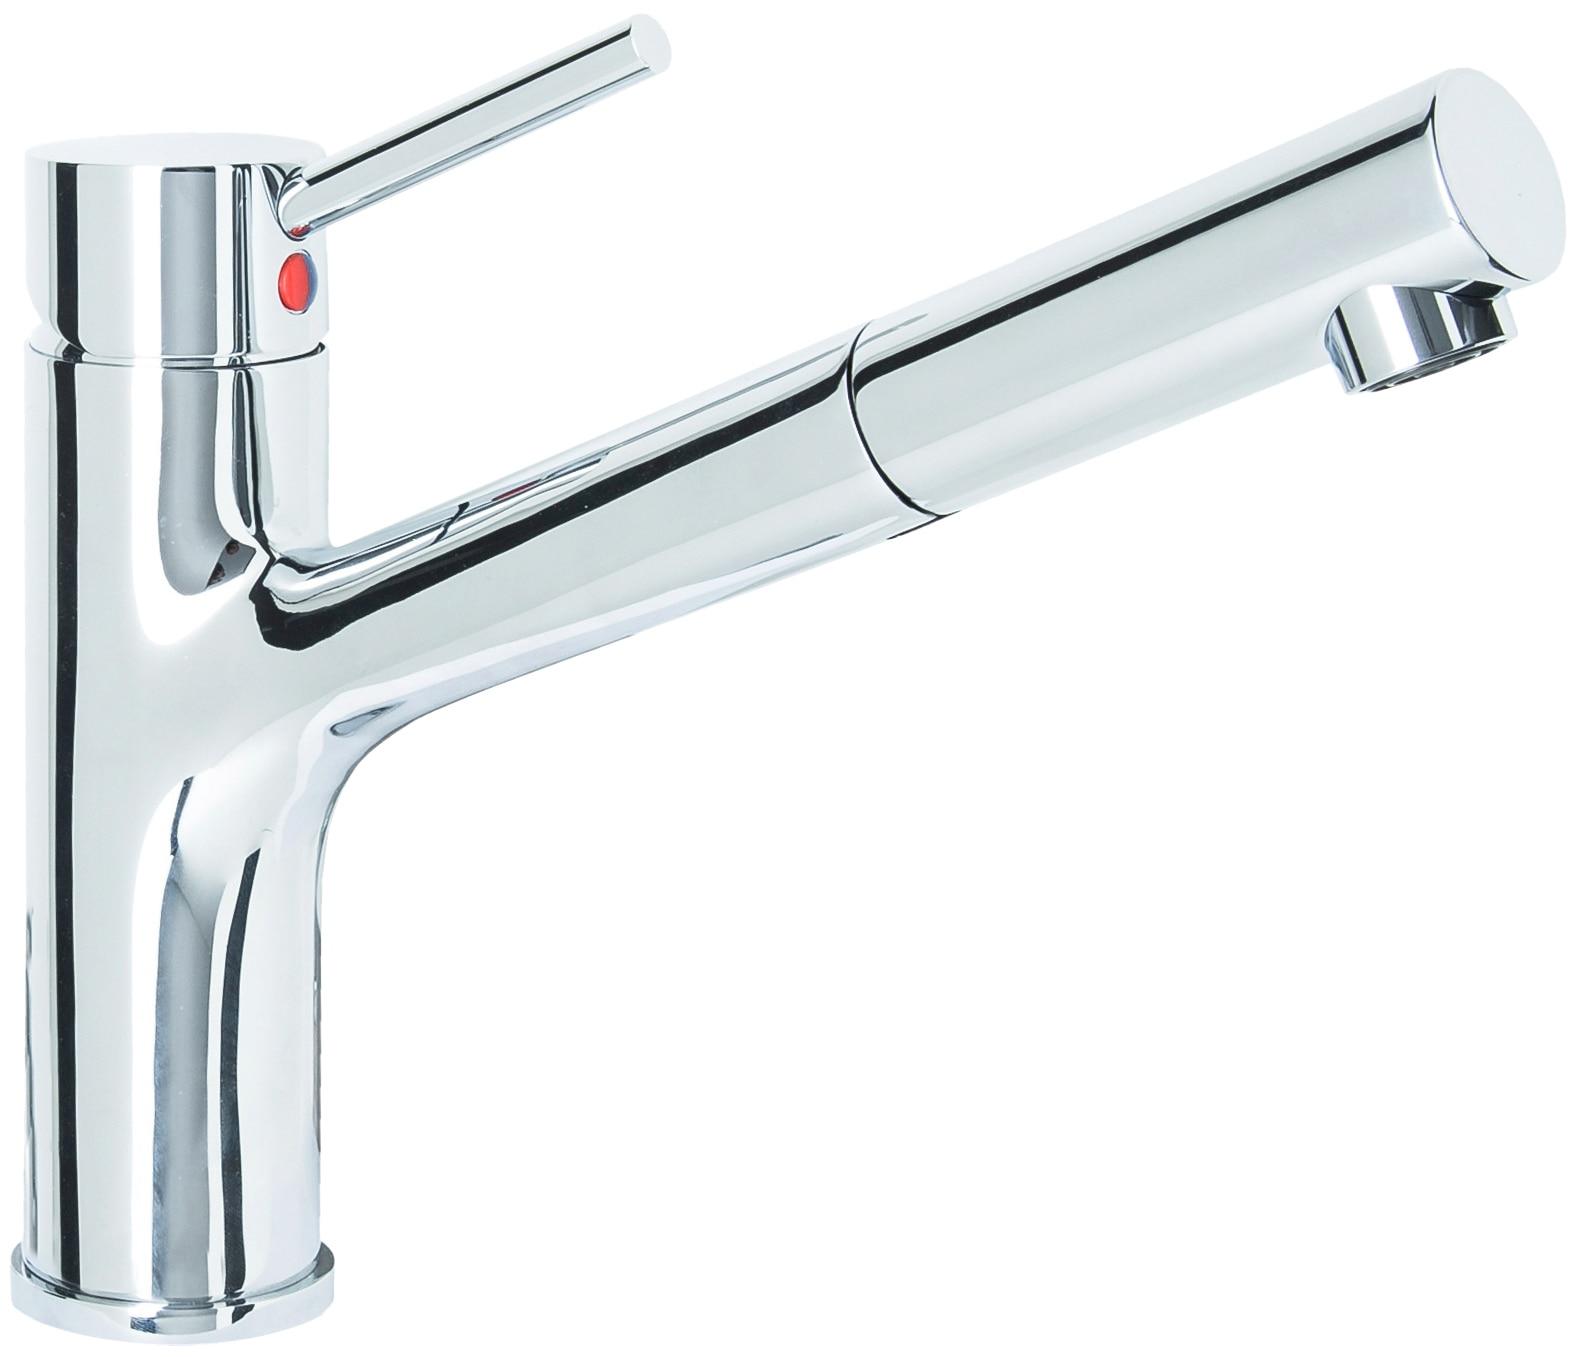 CORNAT Spülenarmatur »ZELINA« | Küche und Esszimmer > Spülen > Spülenarmaturen | Silberfarben | CORNAT